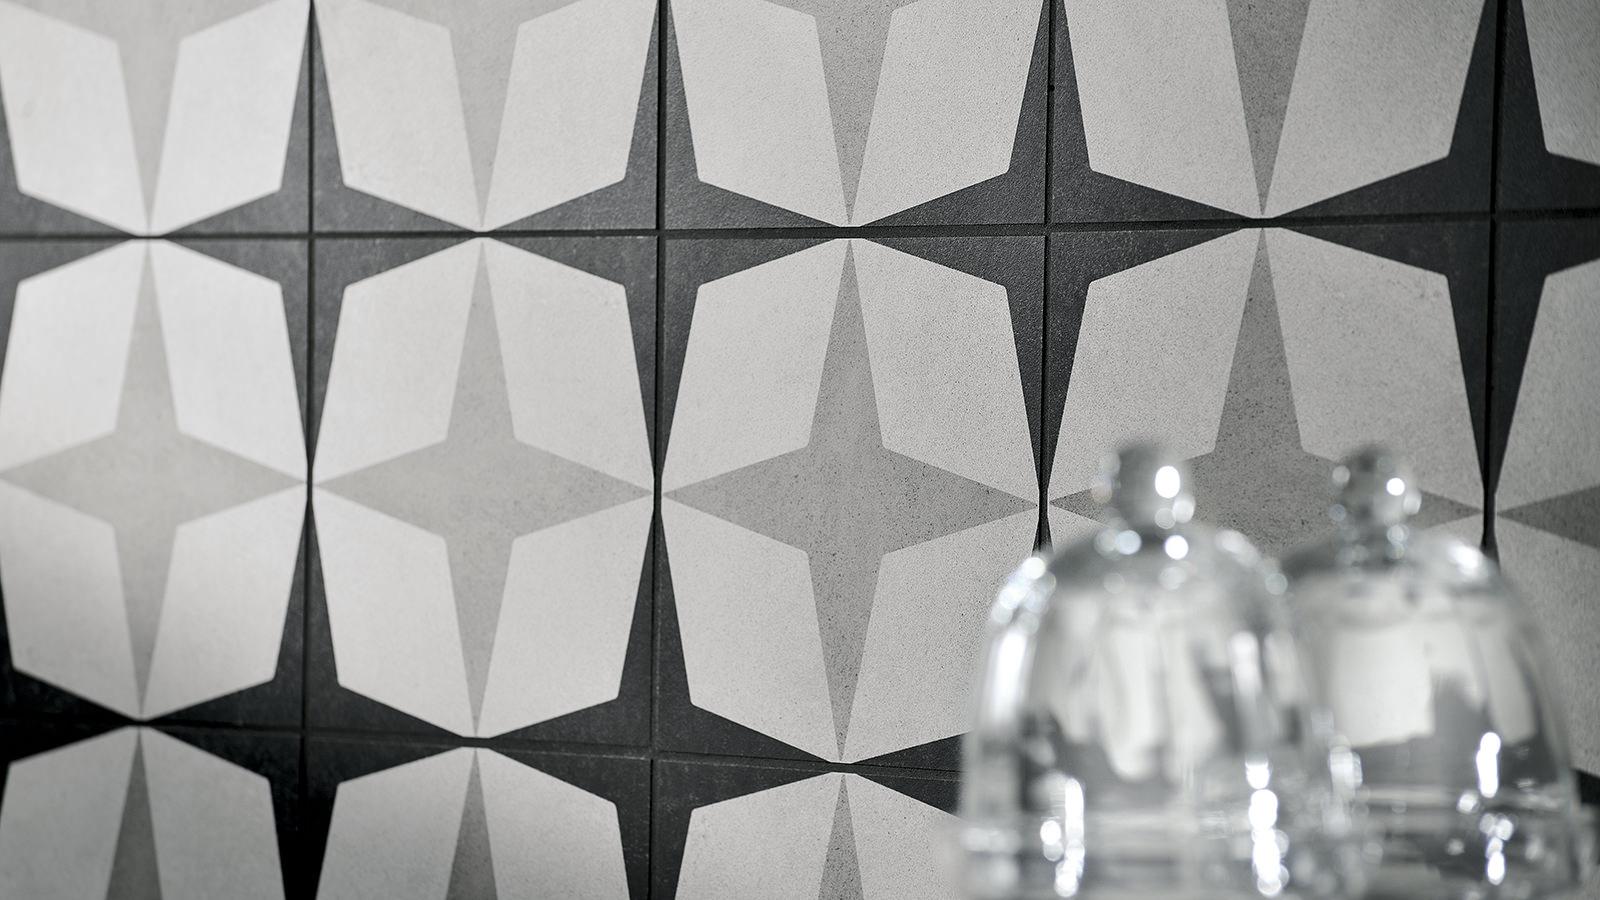 Gres porcellanato cementine ceramiche keope